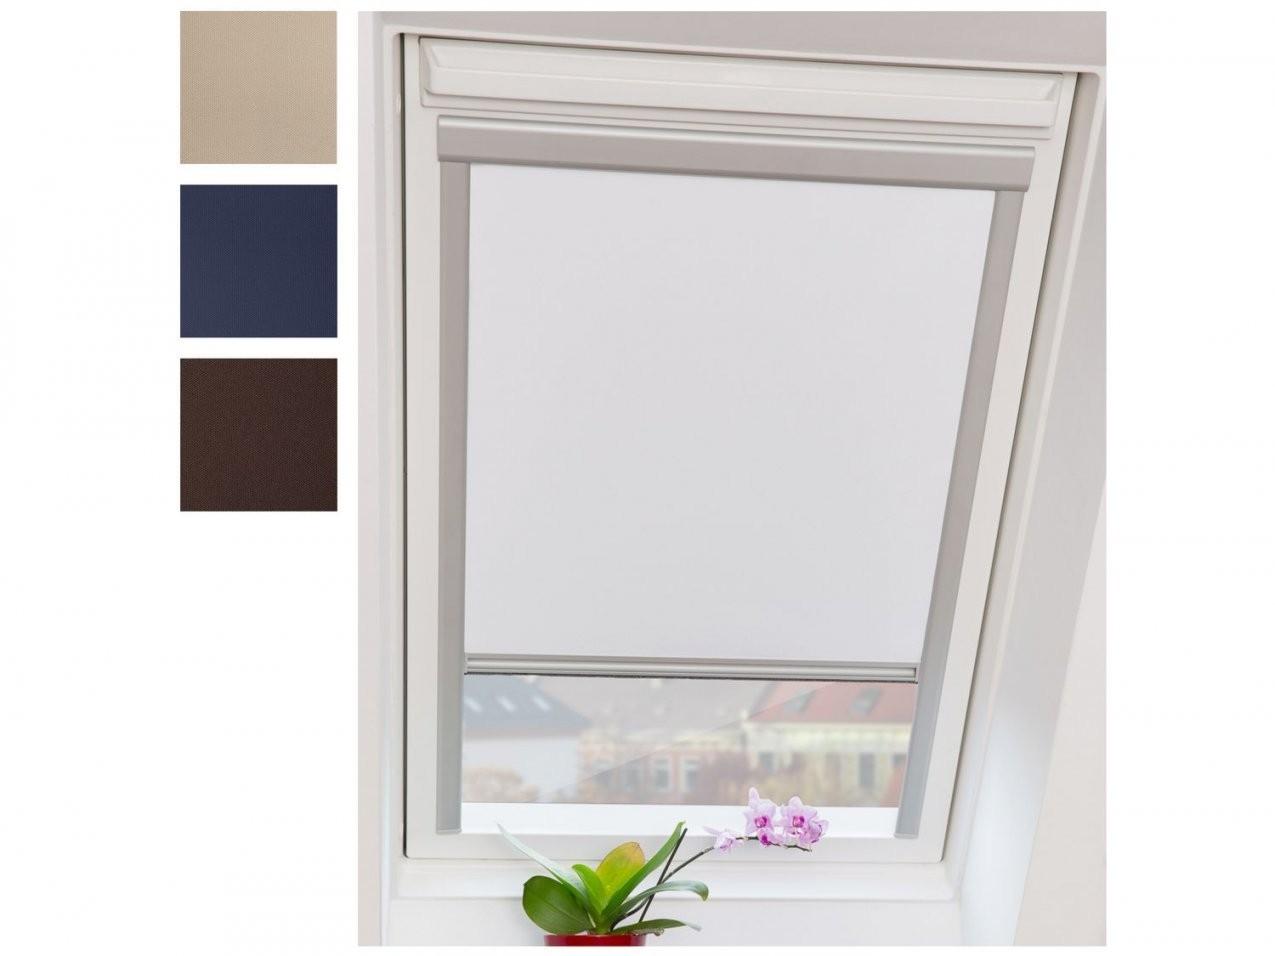 Lichtblick Dachfensterrollo Skylight Thermo Verdunkelung  Lidl von Günstige Rollos Für Fenster Bild